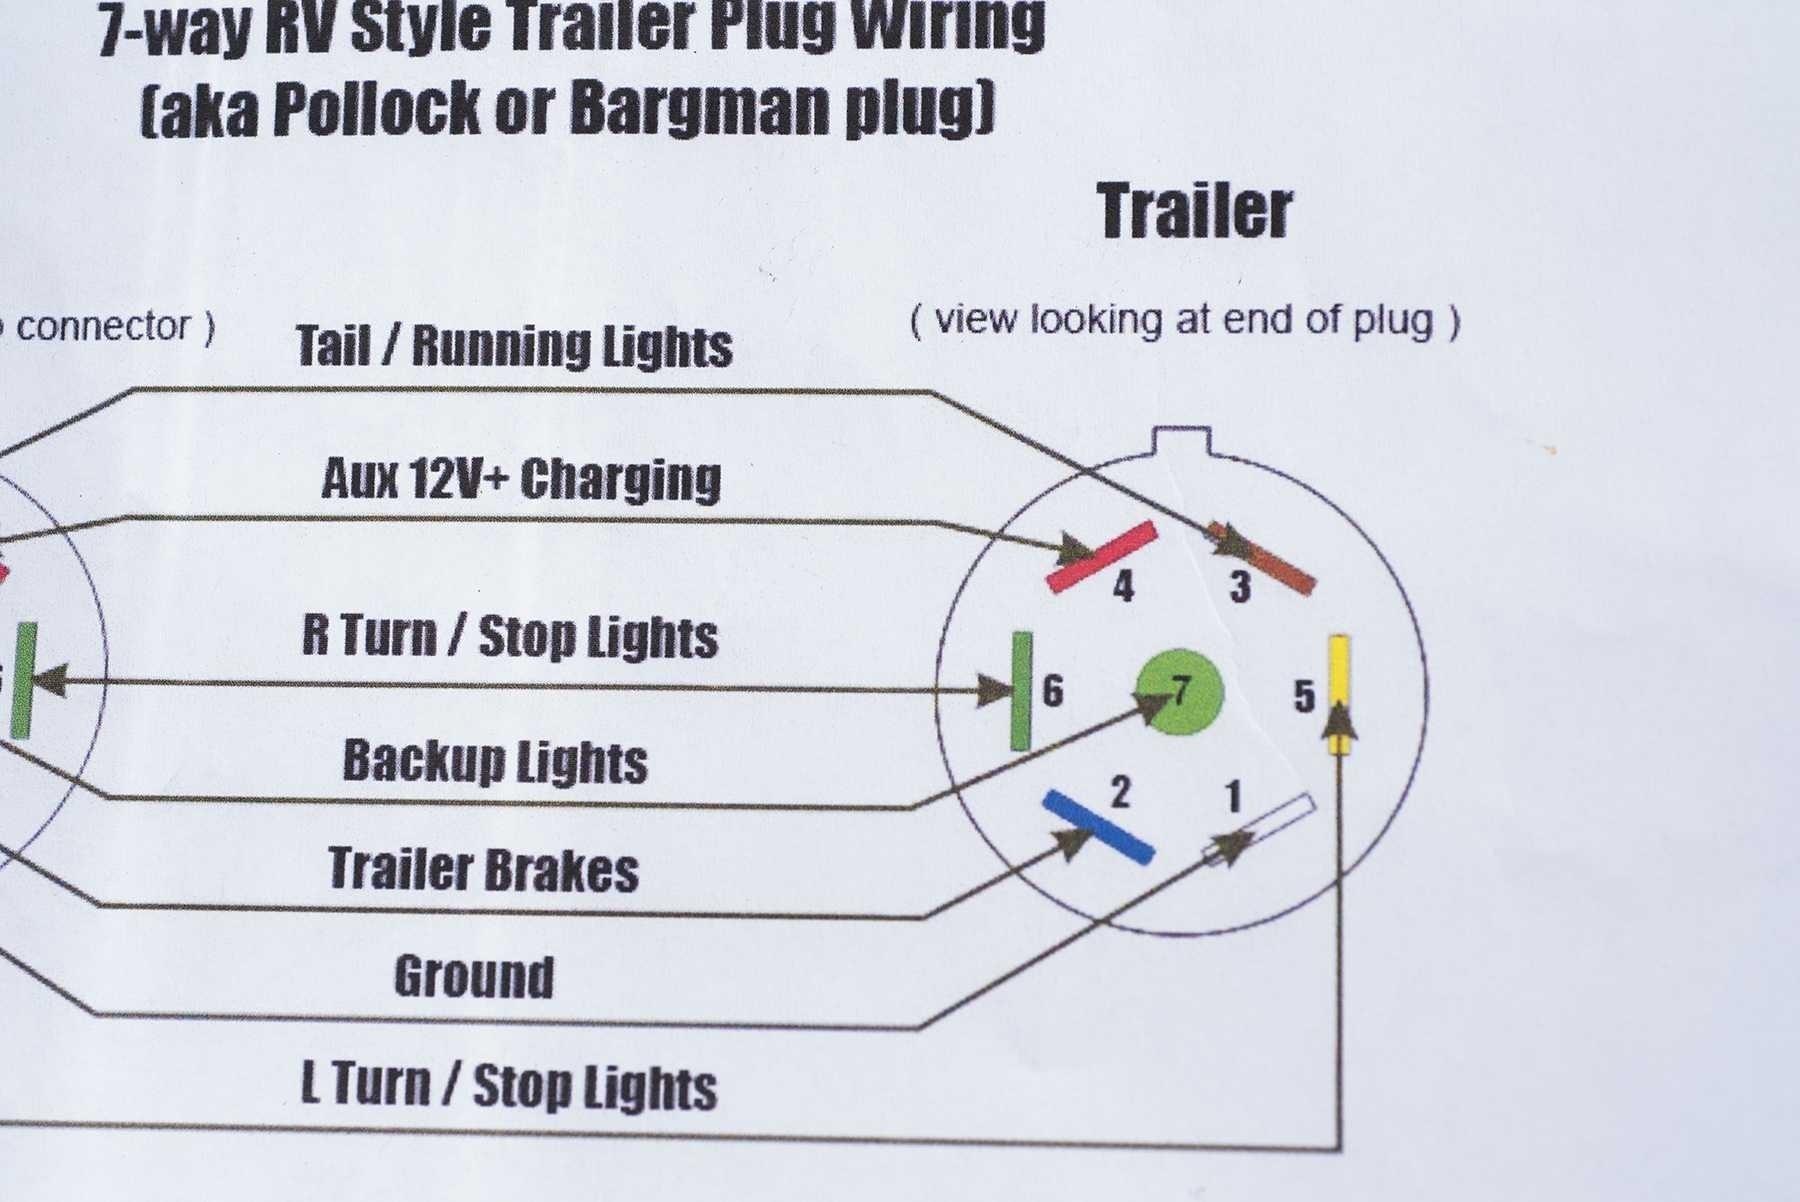 2004 Dodge Ram 1500 7 Pin Trailer Wiring Diagram